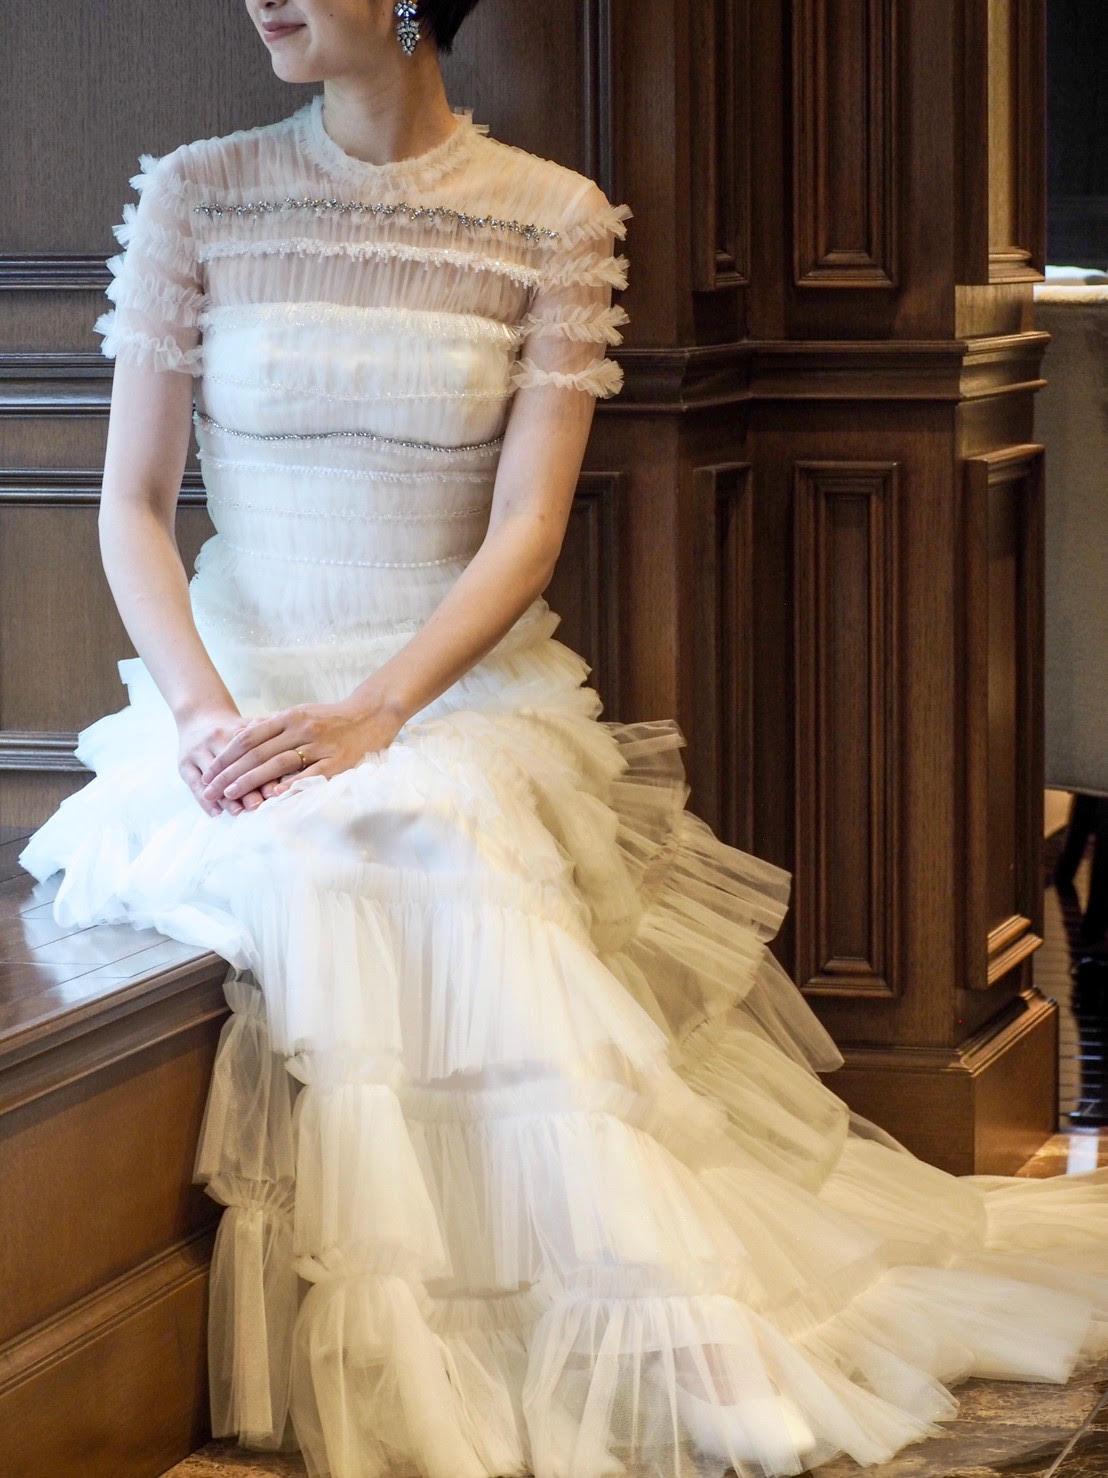 胸元が安心できらきた輝くビジューが綺麗なヴィクターアンドロルフマリアージュのスレンダーラインのウェディングドレス